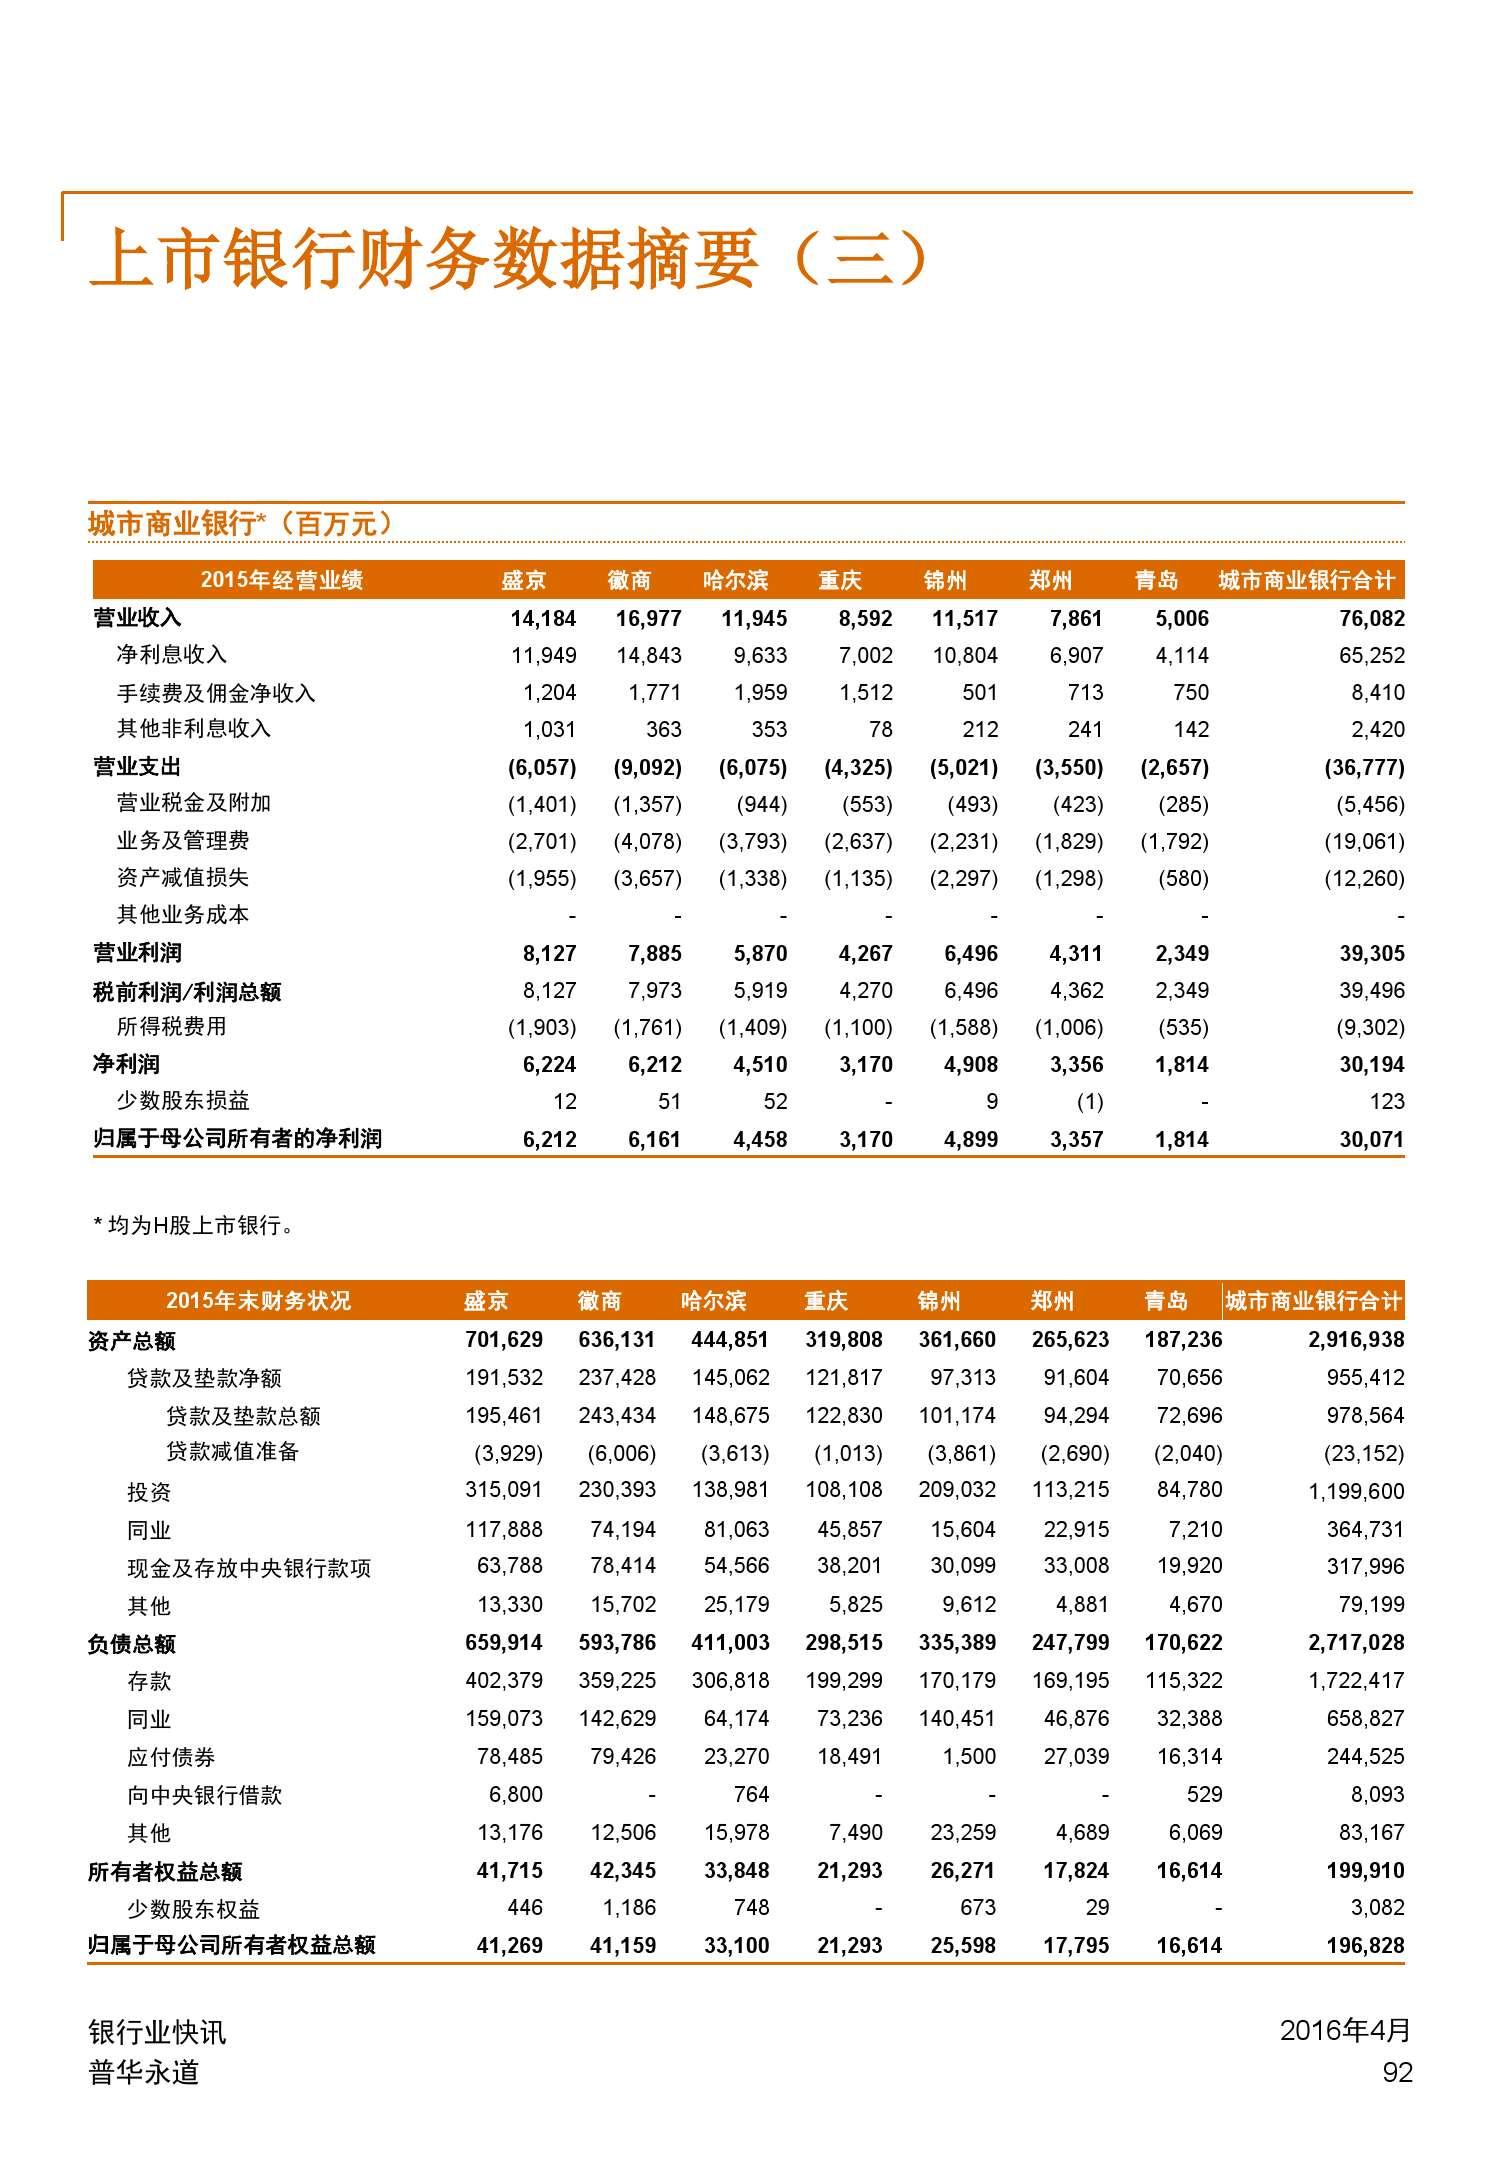 普华永道:2015年中国银行业回顾与展望_000092